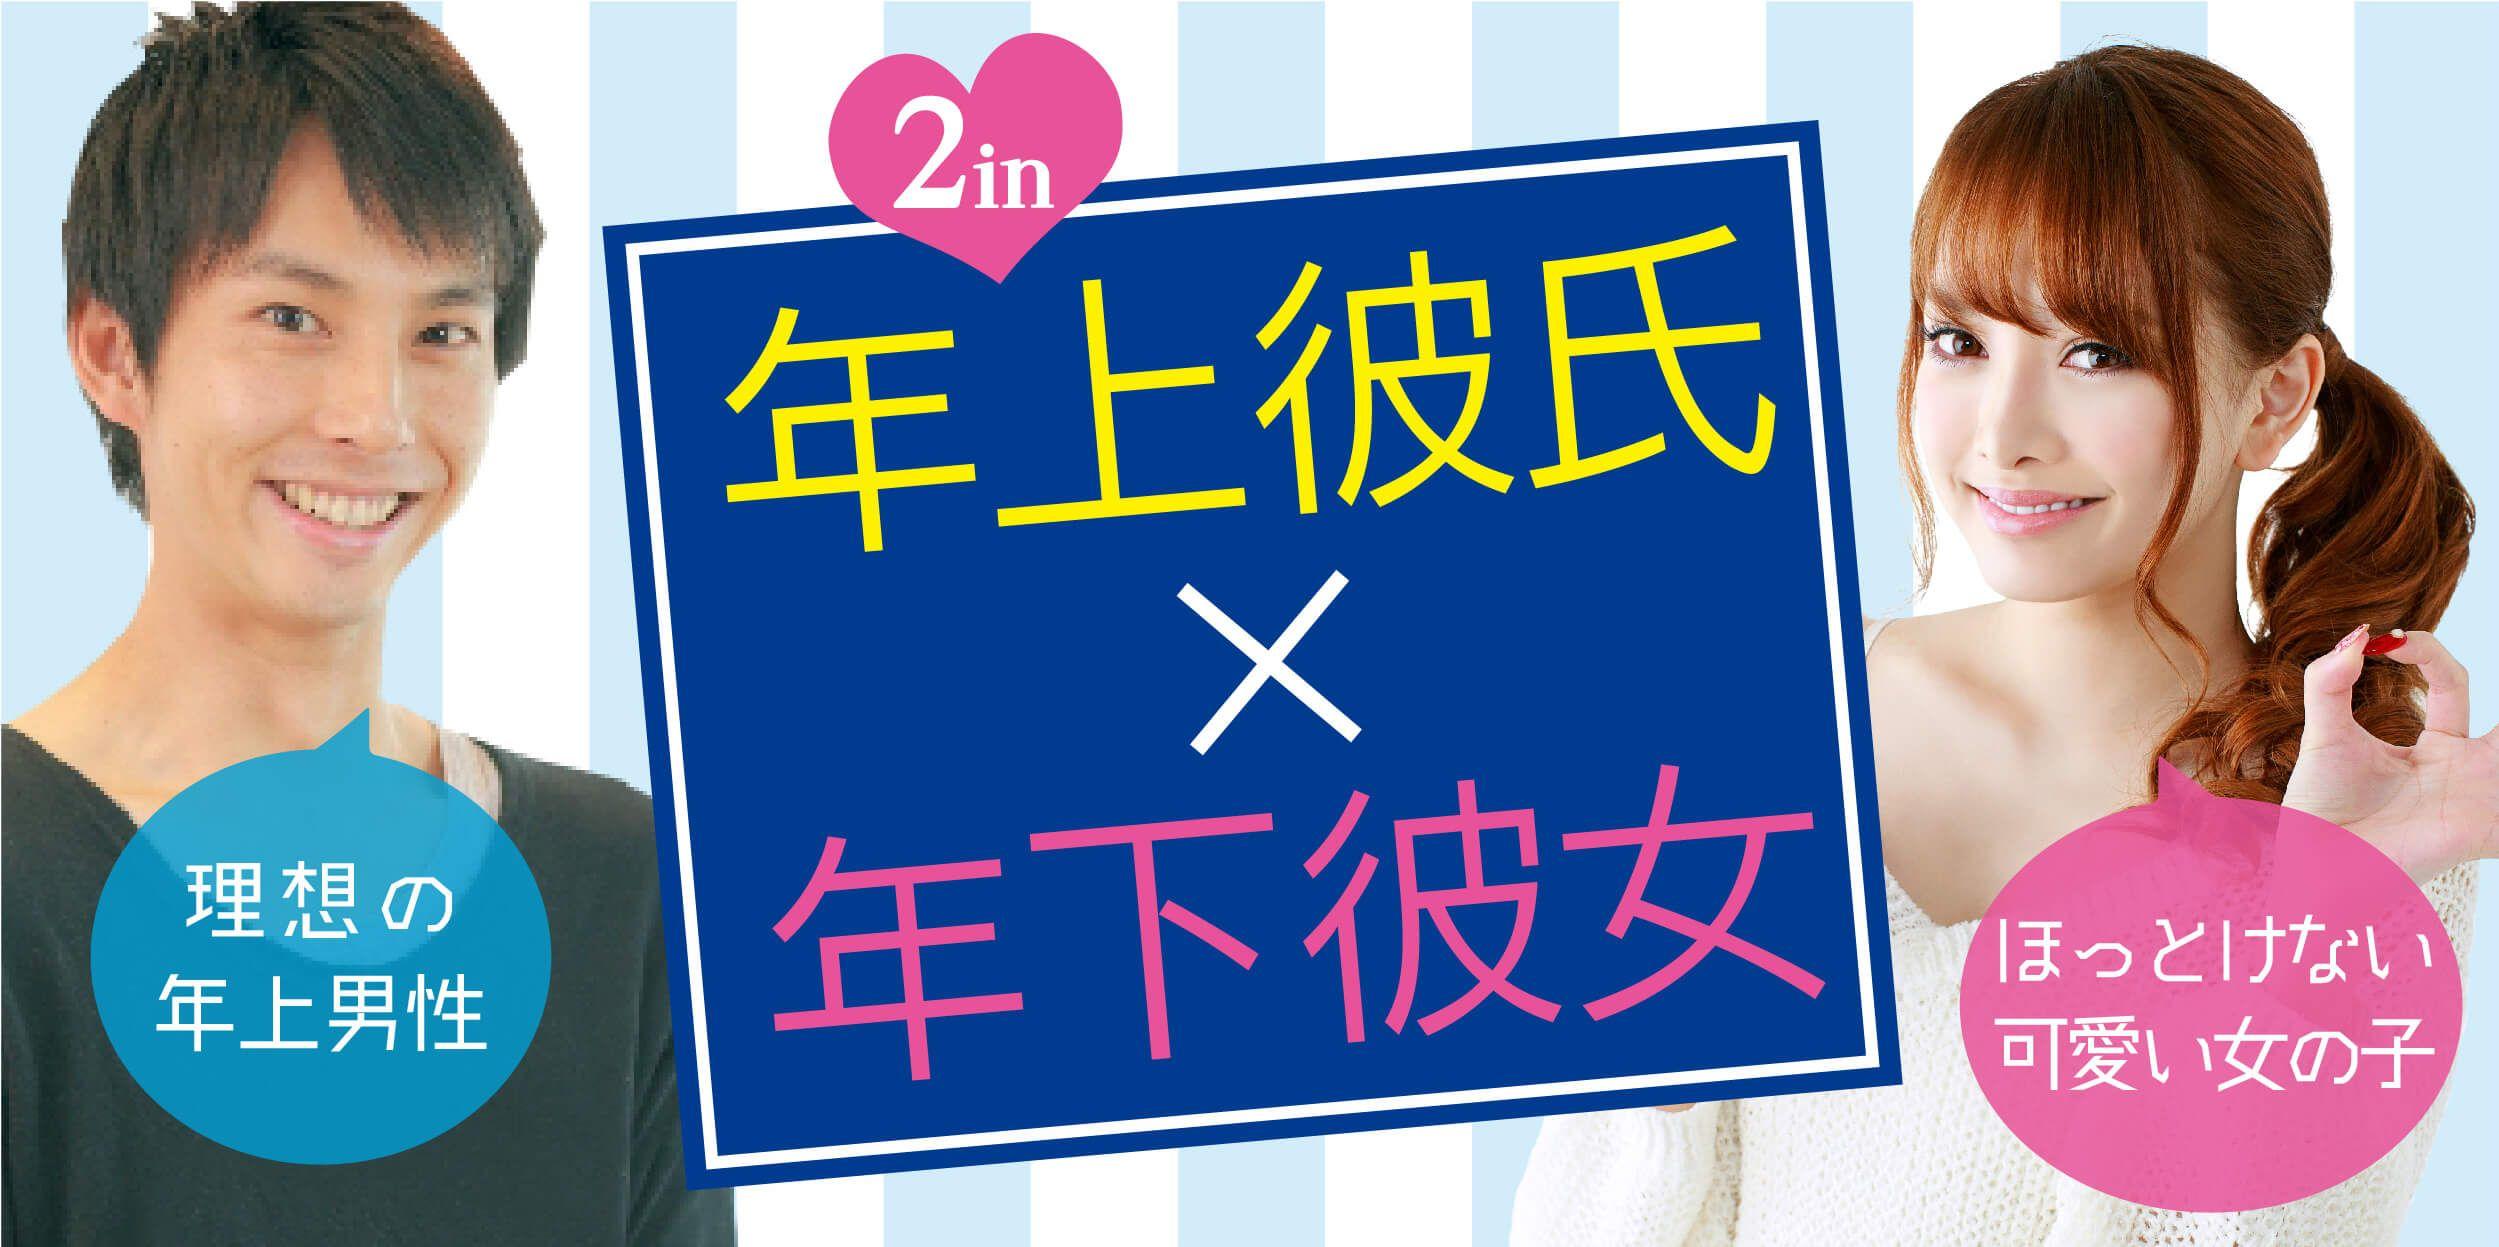 2月26日(日)理想の大人年上男性×可愛らしい年下彼女コンin岡山〜一人参加大歓迎!ちょっぴり年上の素敵な彼氏をみつけませんか★〜